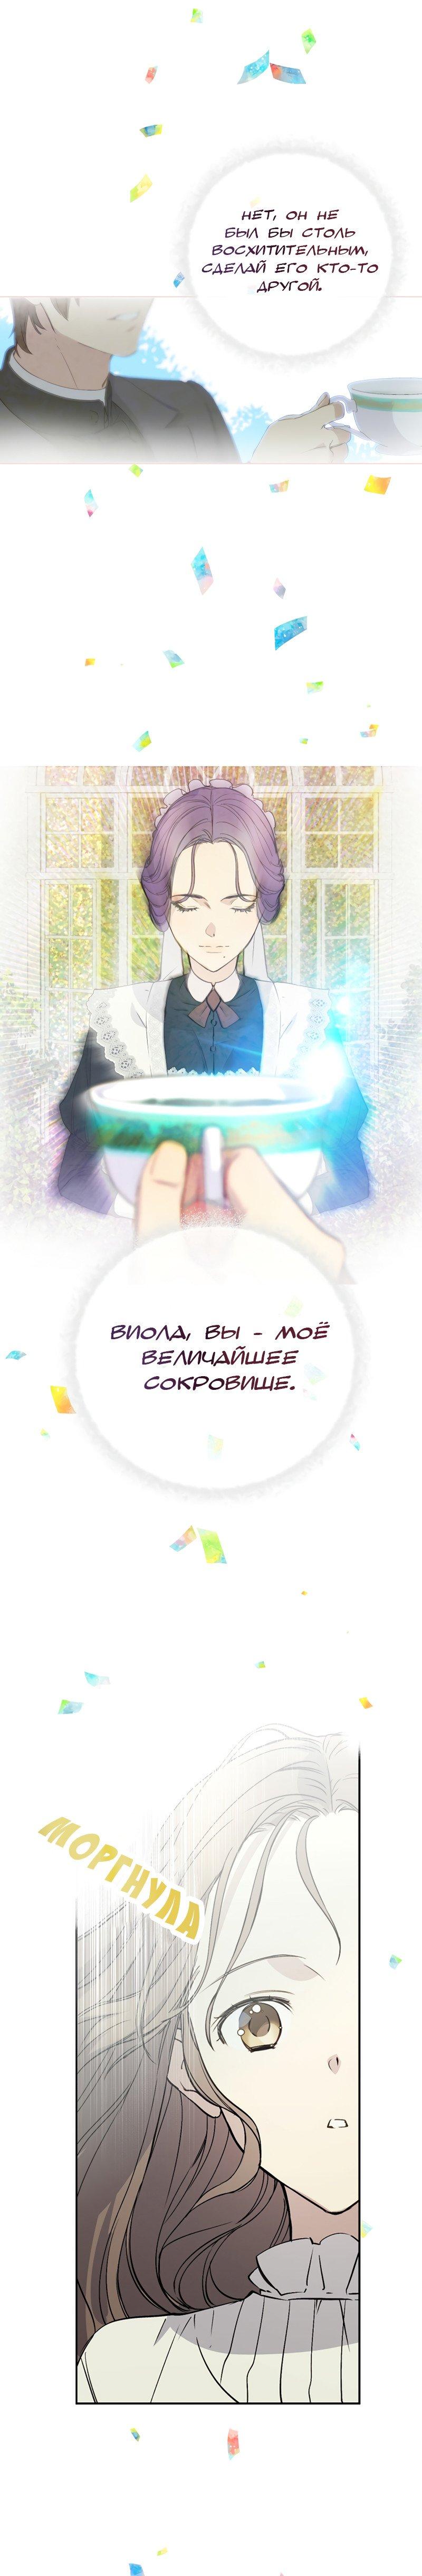 Манга Способная горничная / Capable maid  - Том 1 Глава 2 Страница 4